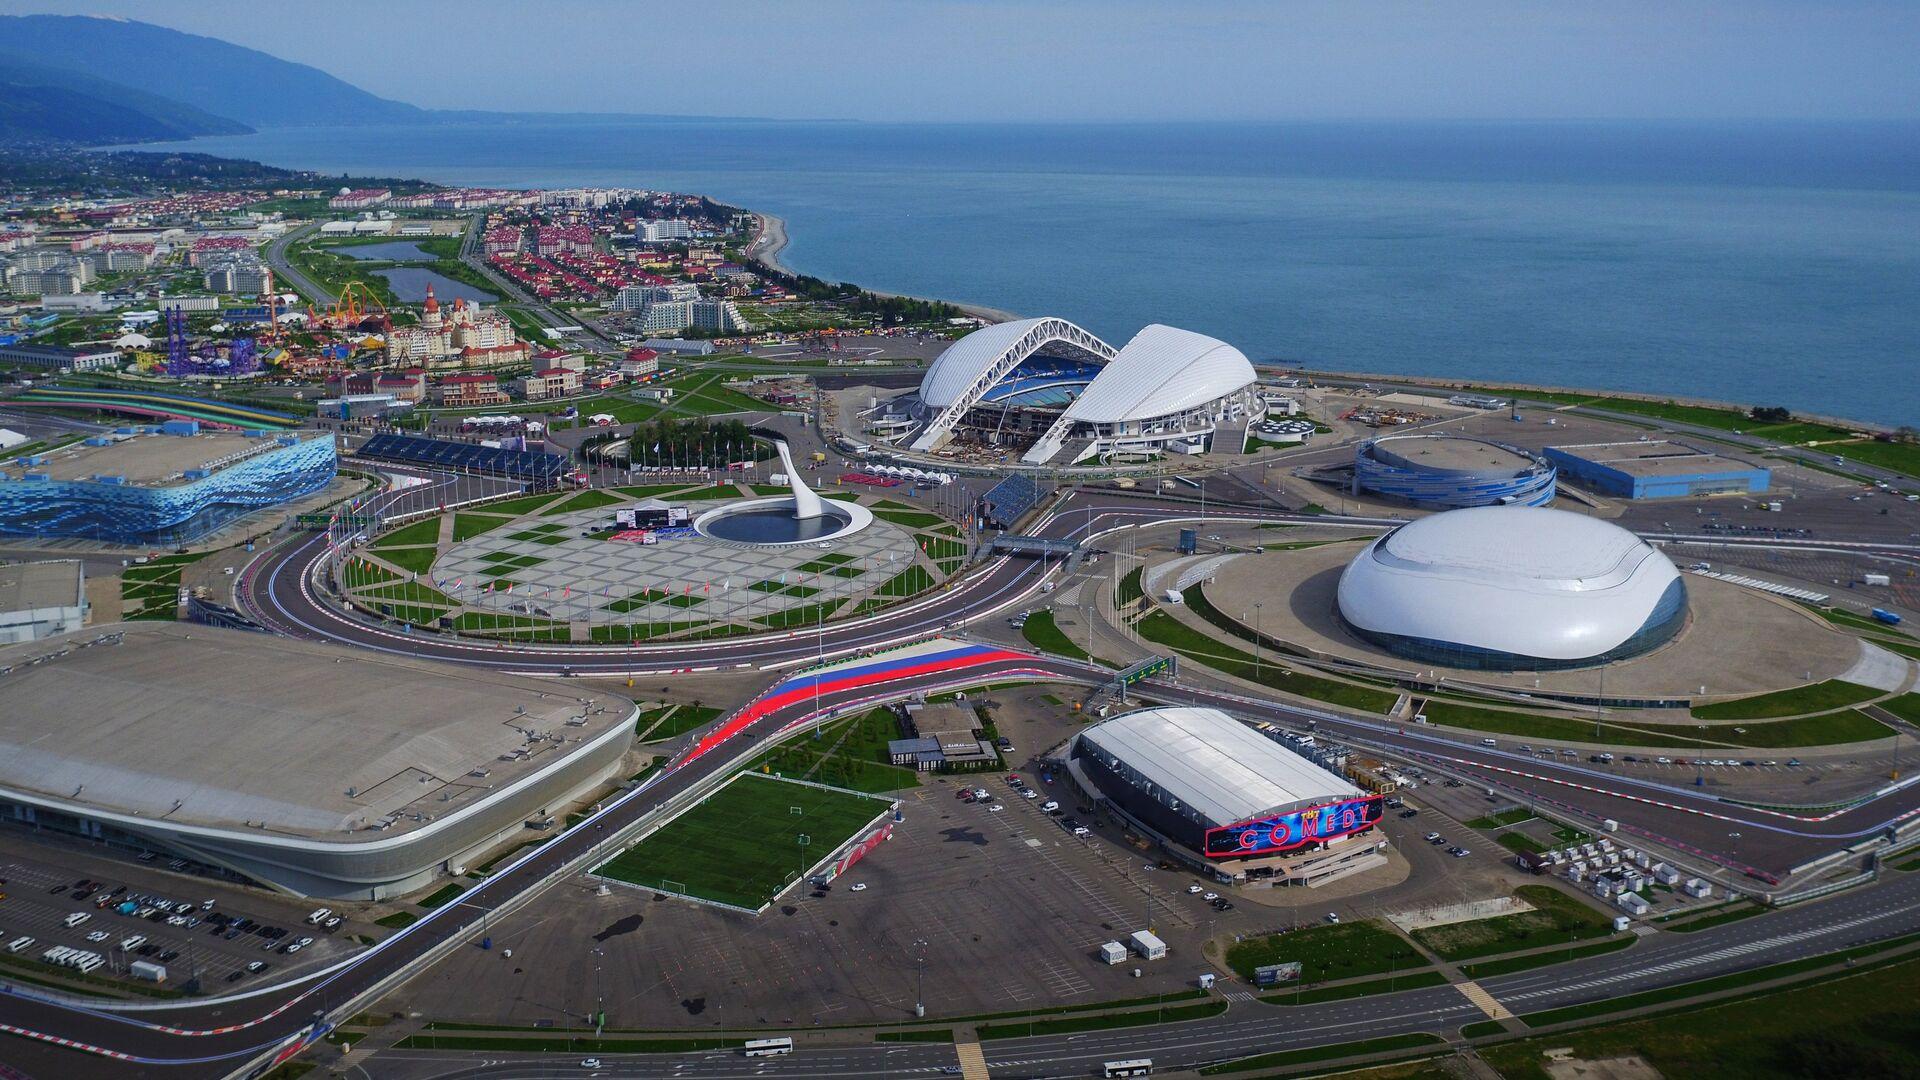 Вид на Олимпийский парк и Сочи Автодром - РИА Новости, 1920, 31.08.2020